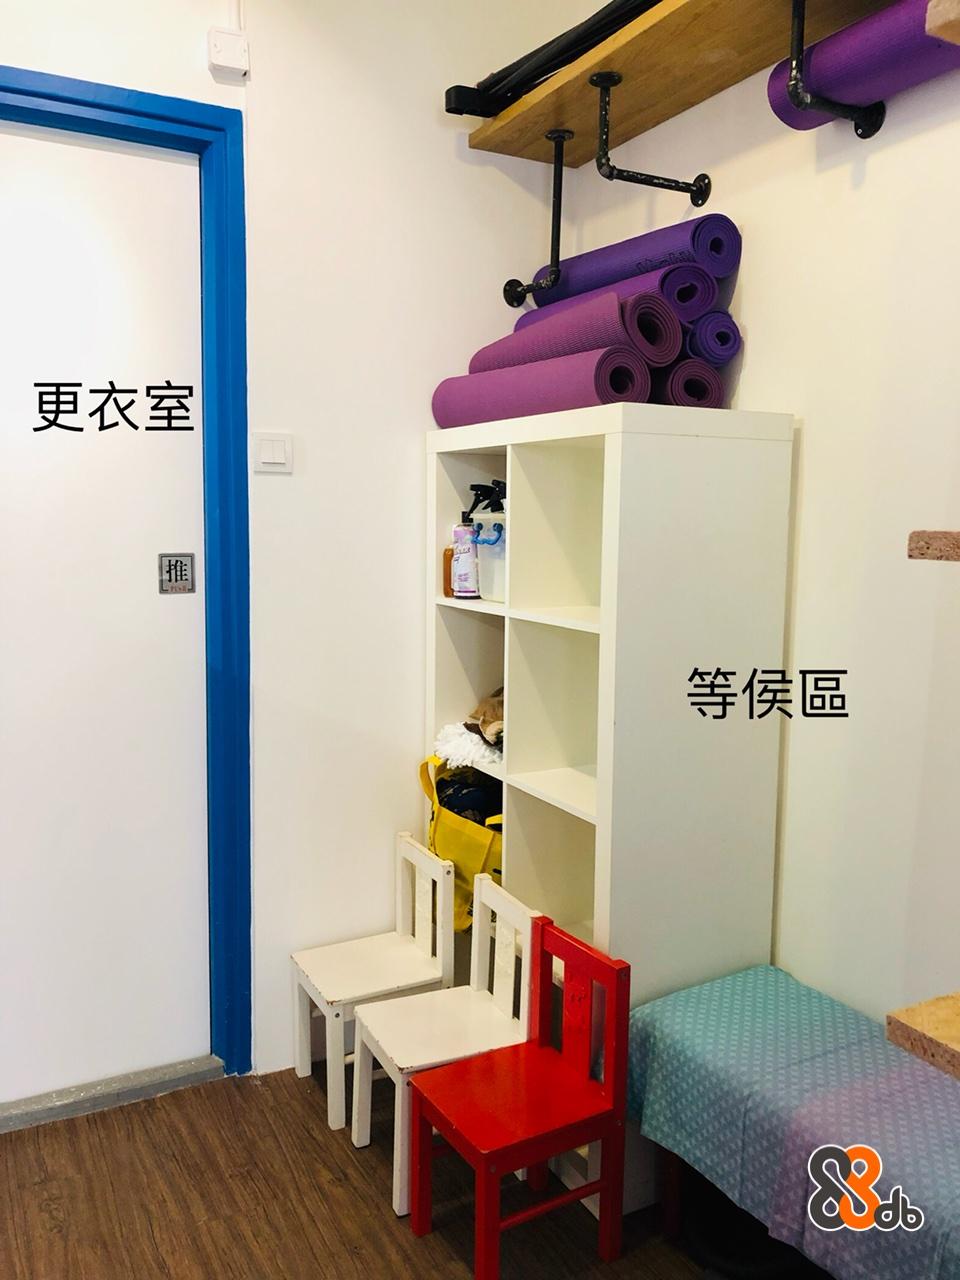 更衣室 等侯區  Room,Furniture,Shelf,Property,Yellow